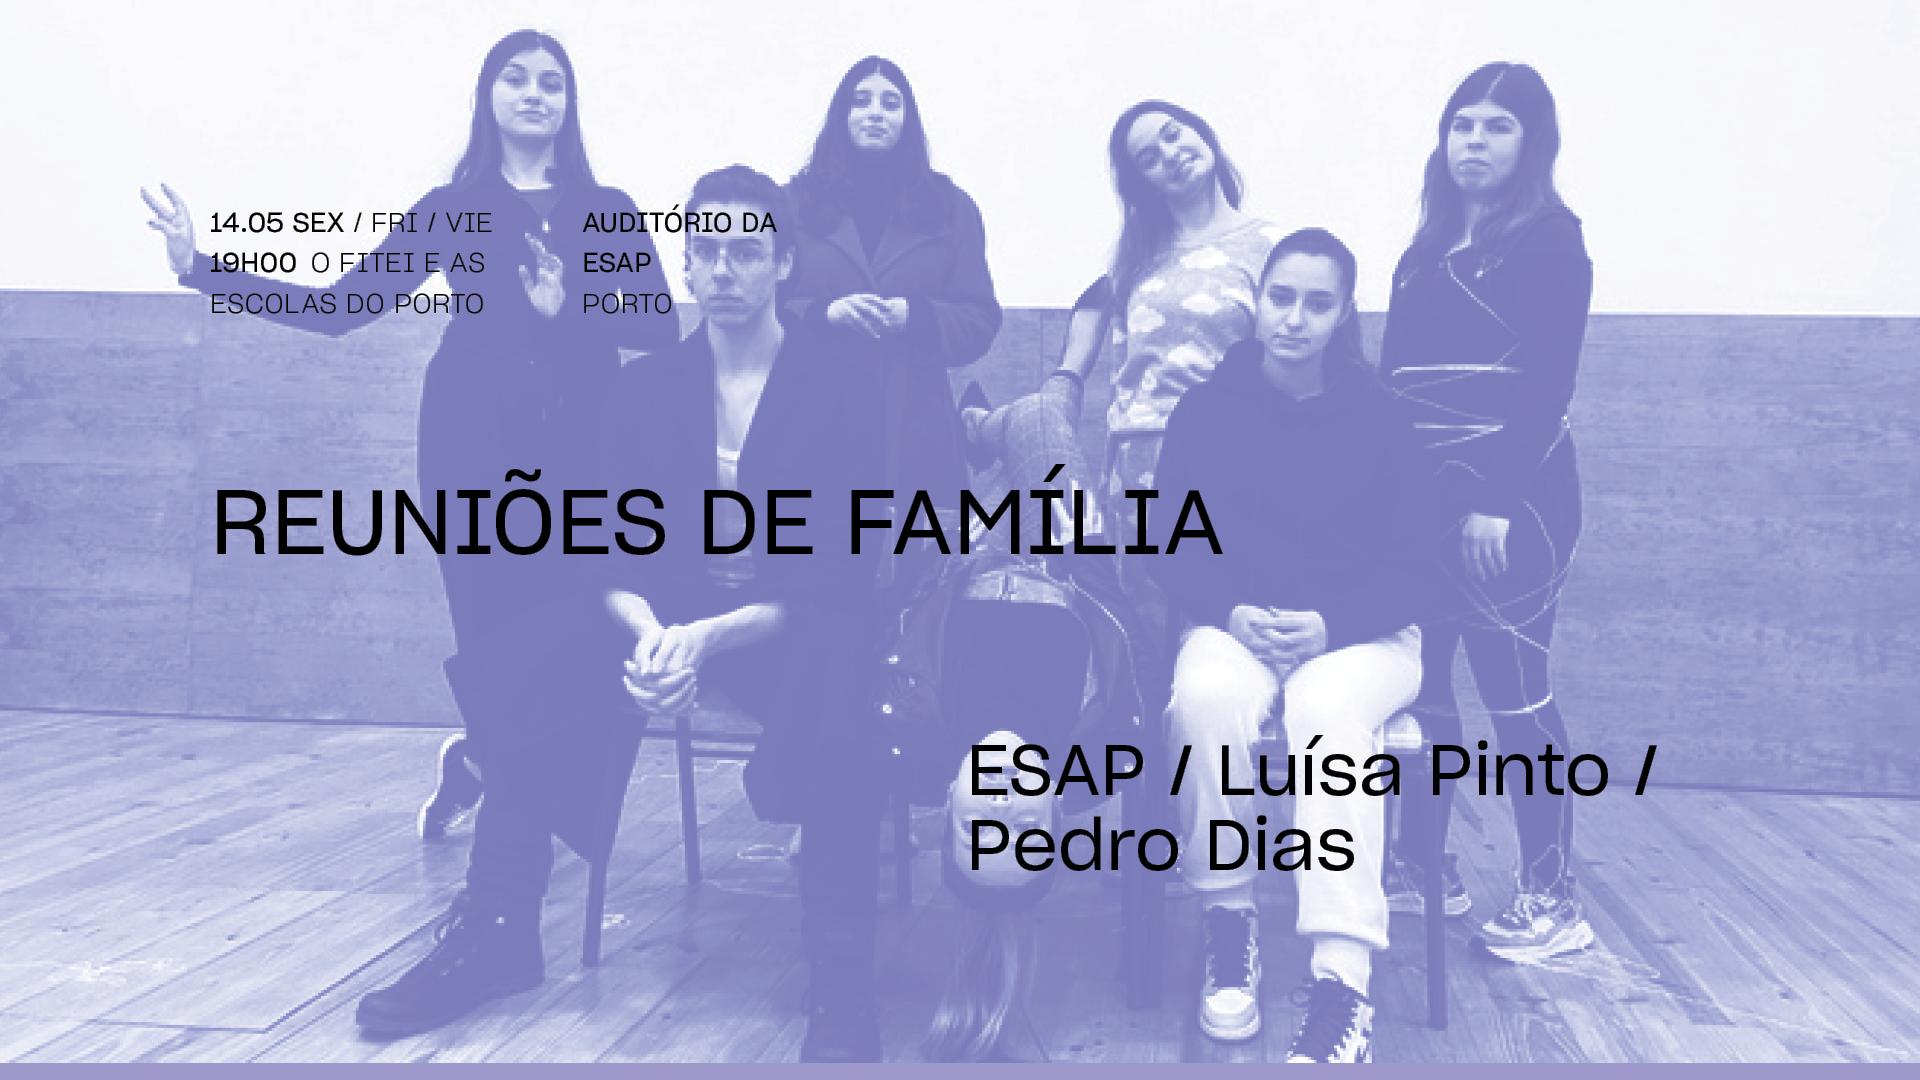 Reuniões de família • ESAP / LUÍSA PINTO / PEDRO DIAS   FITEI 2021